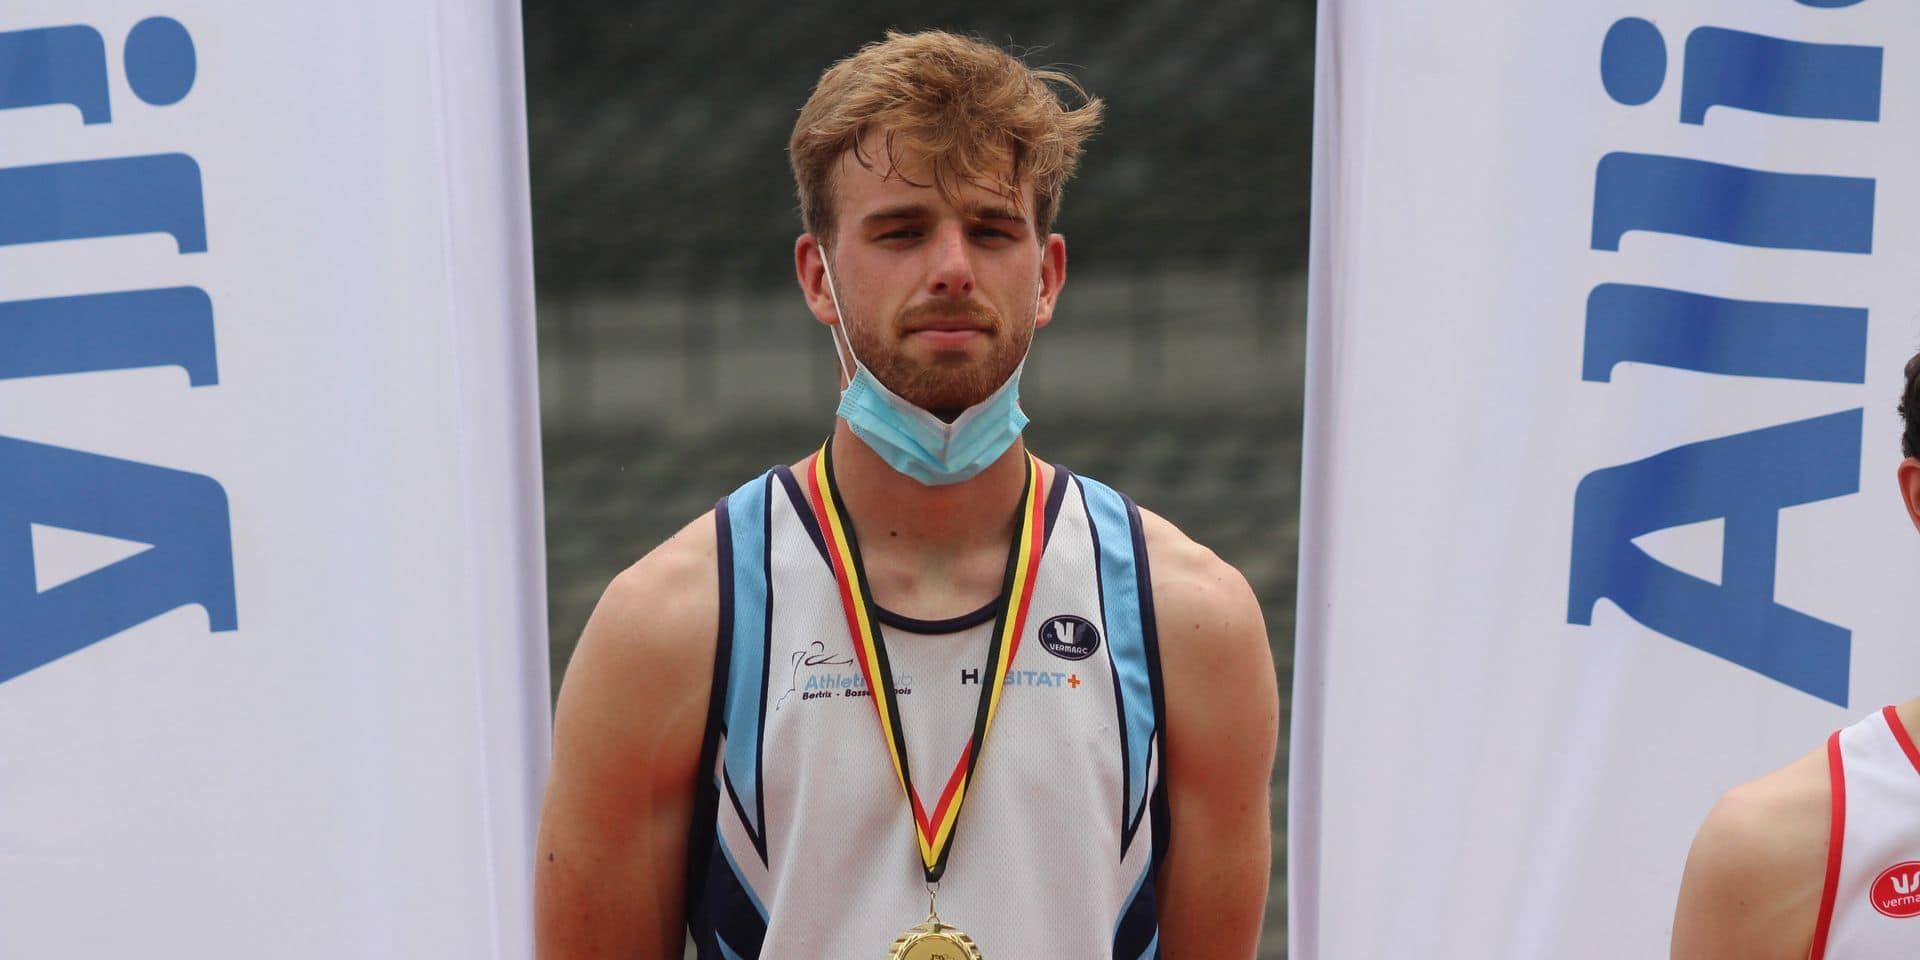 Championnats de Belgique d'athlétisme: Médaille d'or et record personnel pour Robin Bodart à la perche